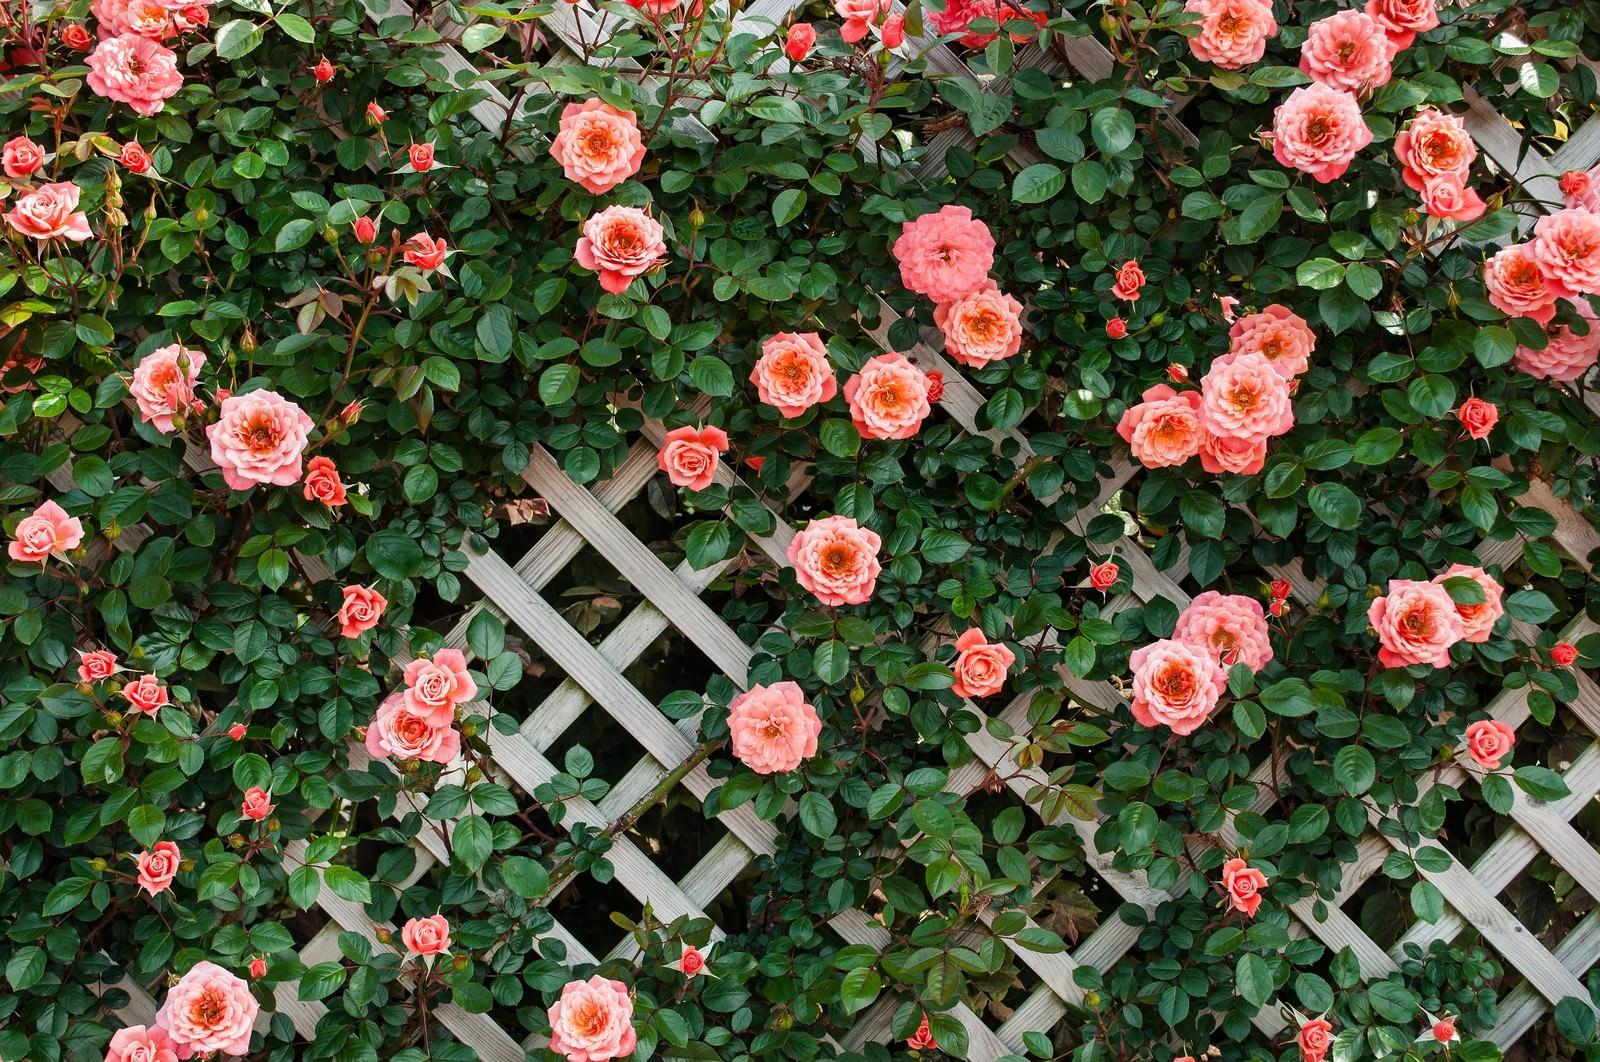 「トレリスとつるバラトレリスとつるバラ」のフリー写真素材を拡大